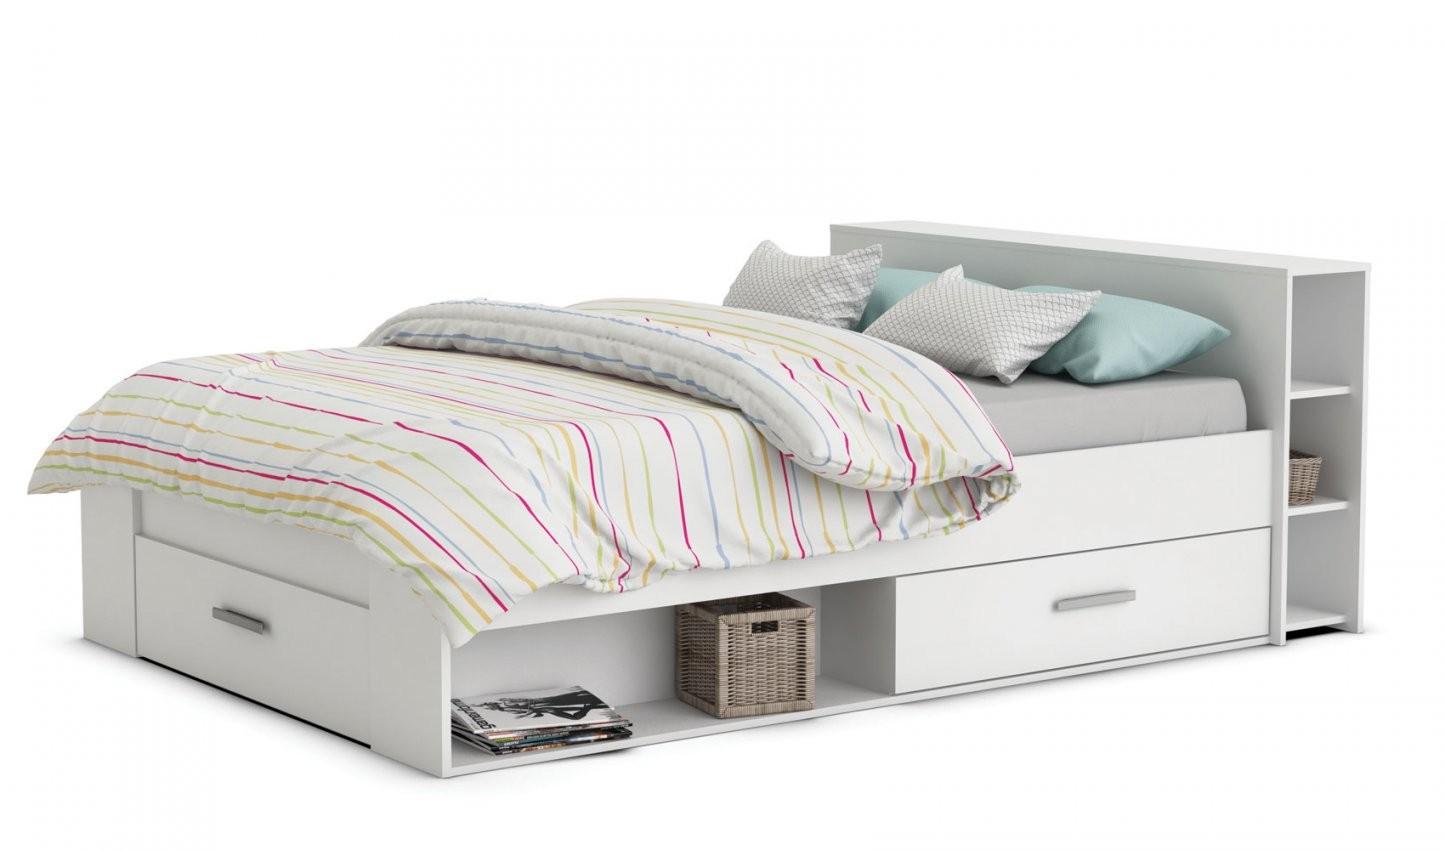 Weise Betten 140X200 Mit Bettkasten Polsterbett Franzosisches Bett von Bett 140X200 Mit Bettkasten Günstig Bild